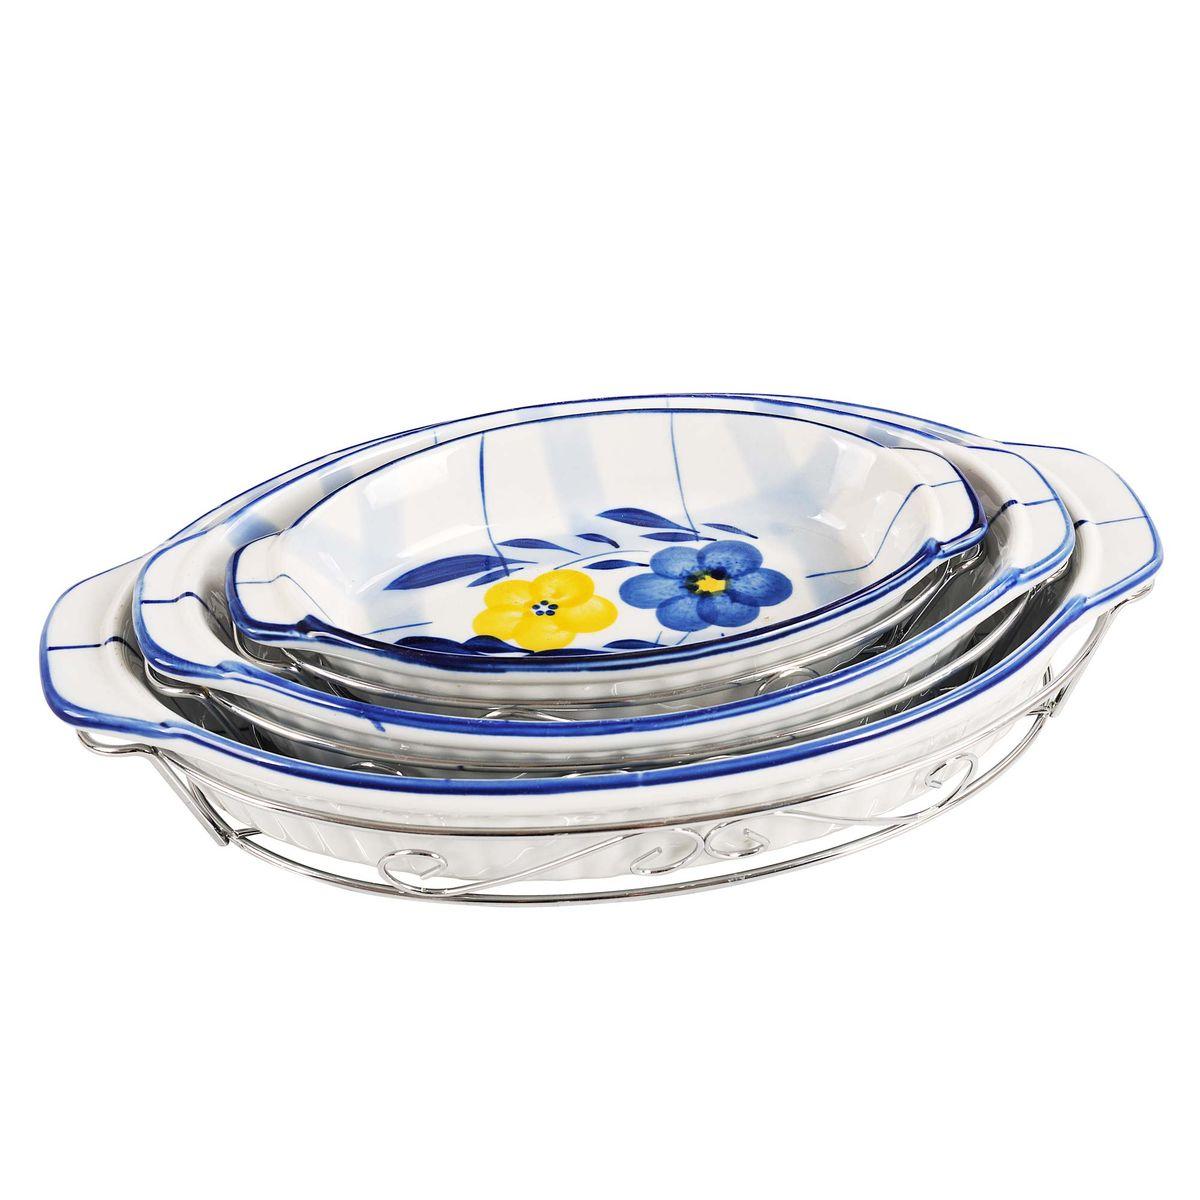 Набор блюд BK-7307 из 6 прBK-73073 блюдана подставке метал.:(20,5*11,5*3,5; 25,5*15,5*4; 30,5*18*4см). Состав: жаропр. керамика.